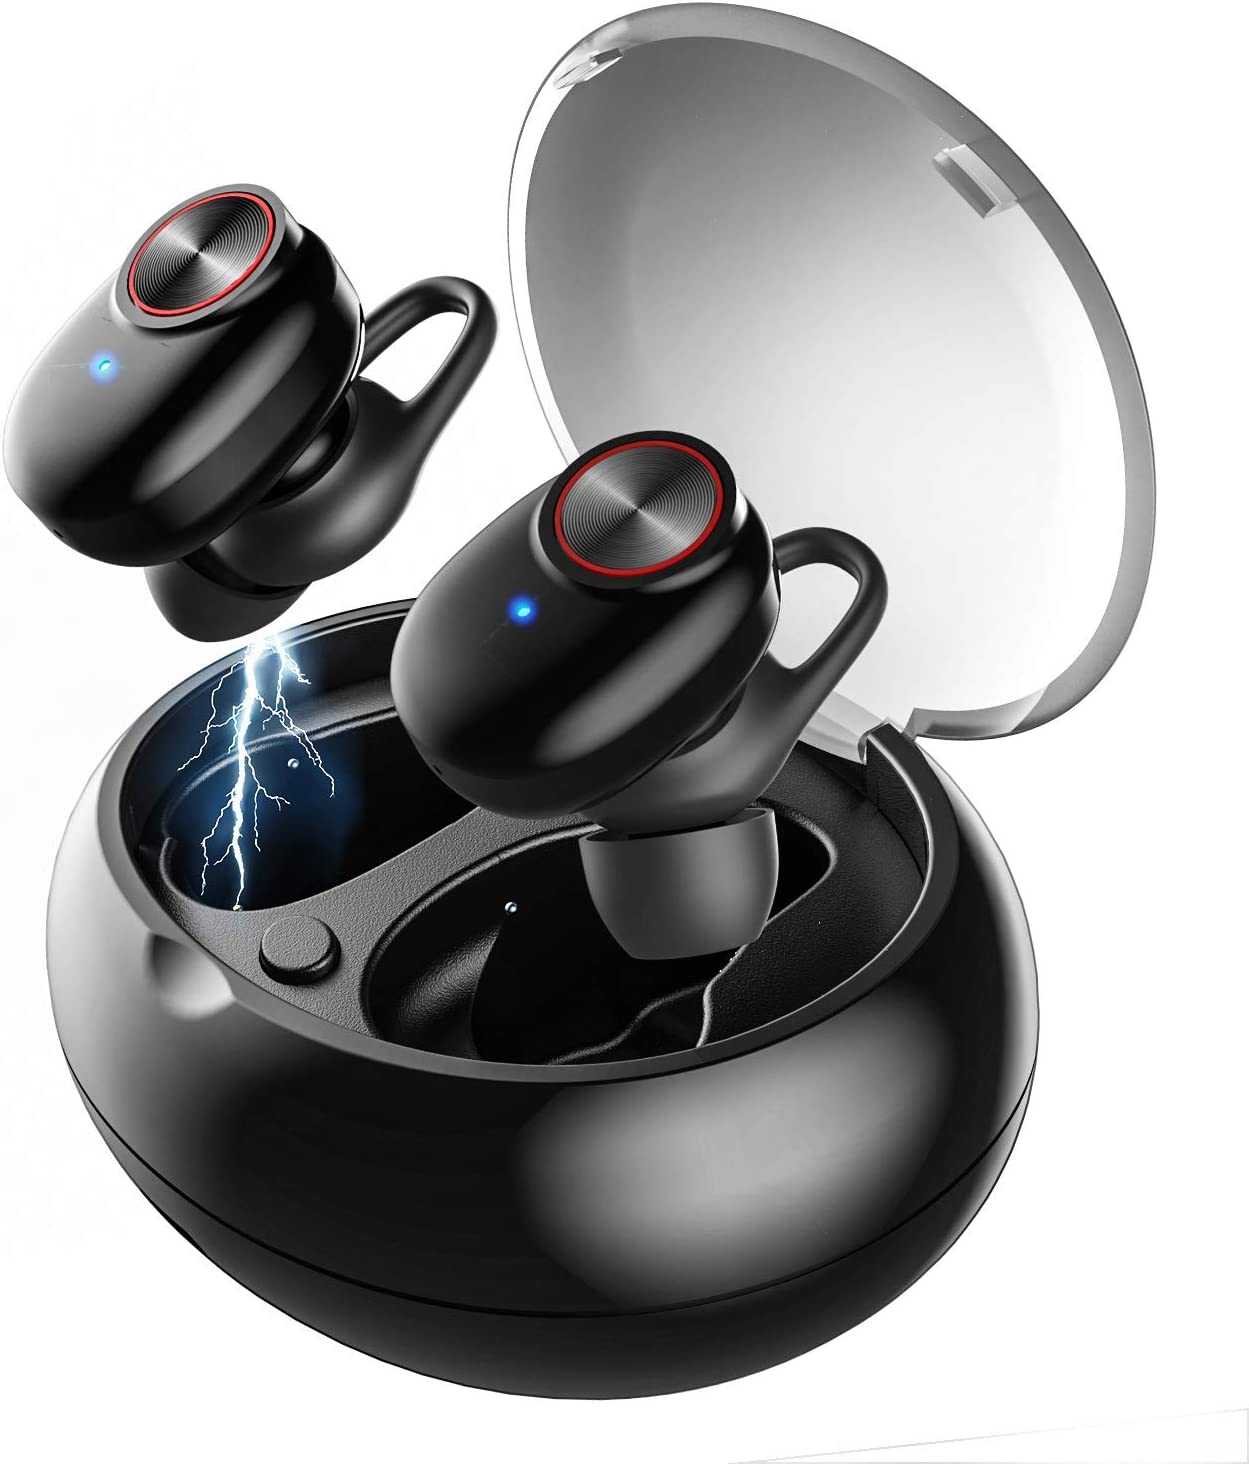 UTRAI Auricular Bluetooth 5.0, Airon Auricular Bluetooth en la Oreja inalámbrico, HD Stereo, IPX5 Impermeable,2 Modos, Caja de Carga, CVC8.0 cancelación de Ruido Auricular con micrófon